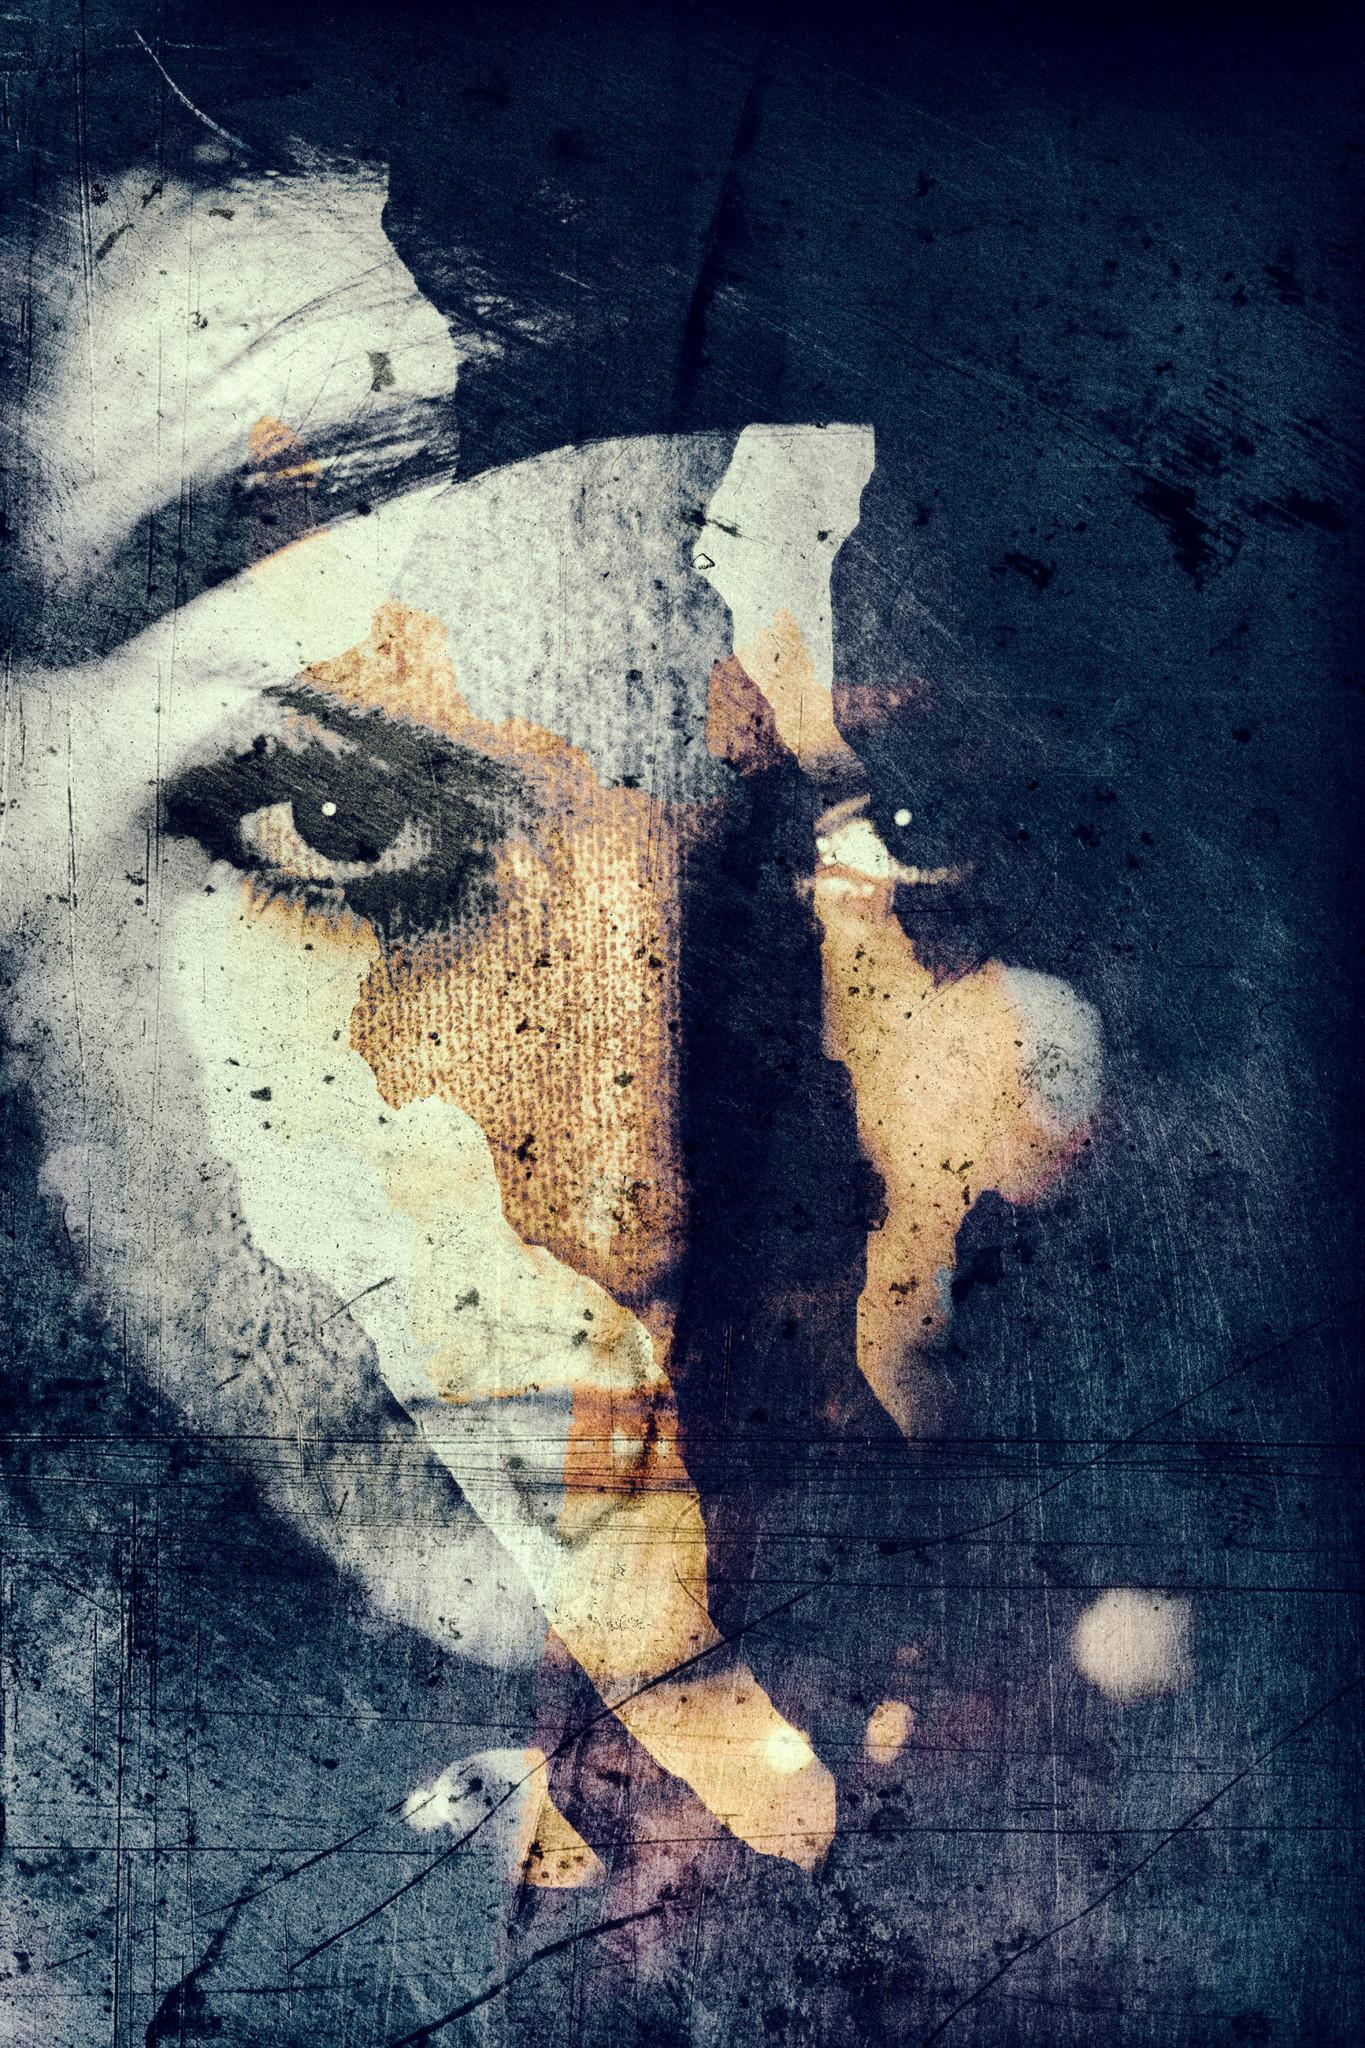 Merna-El-Mohasel-Ästhetik-ohne-Ethik-ist-Kosmetik